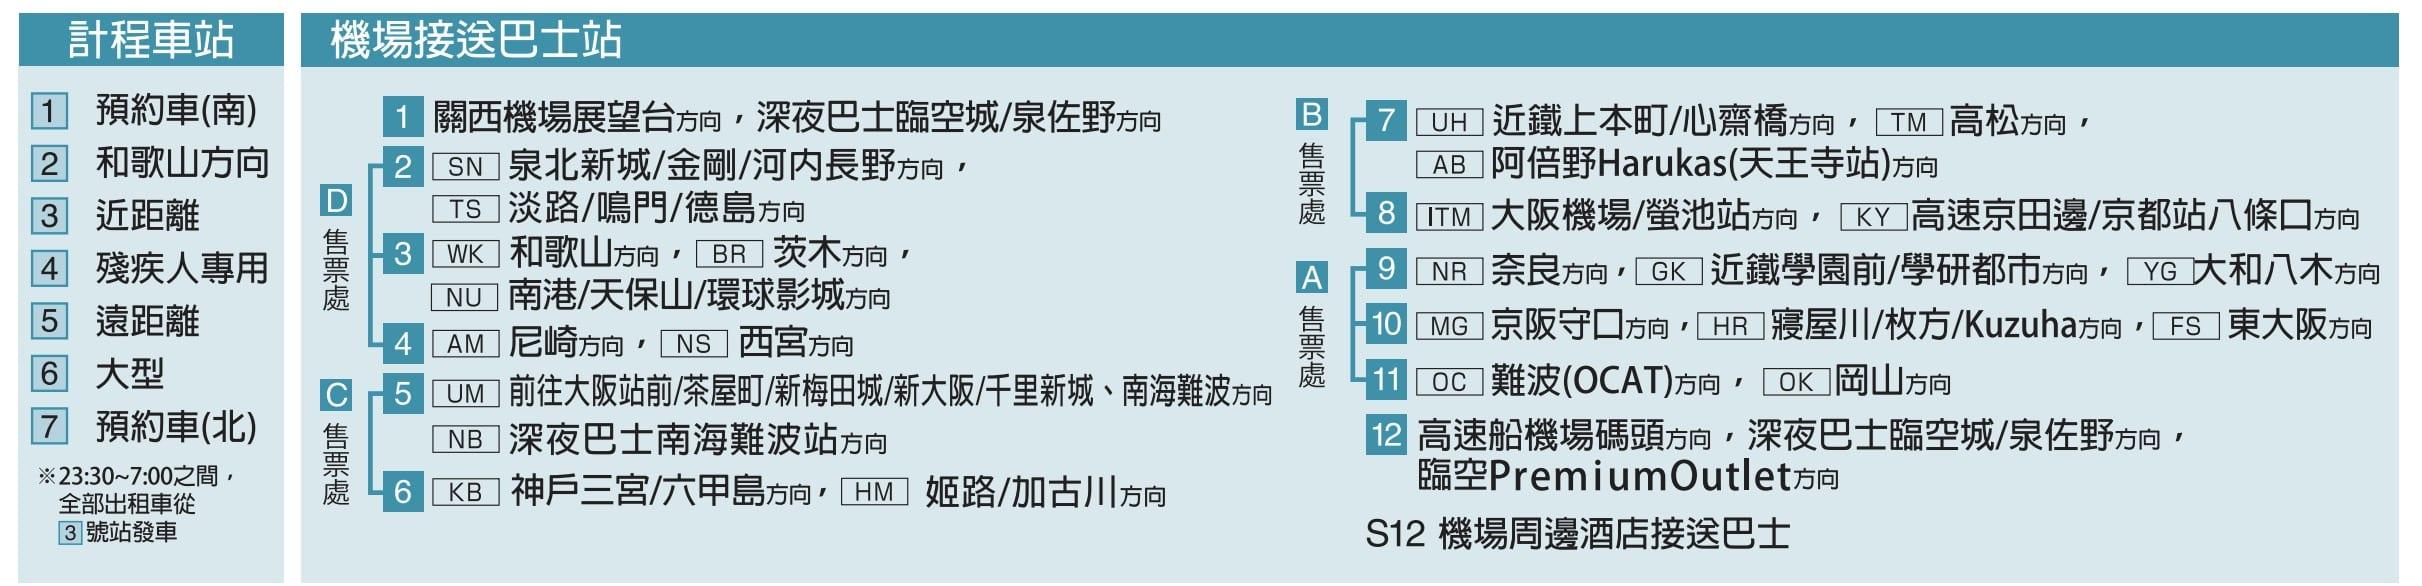 神戶關西機場海上高速船Bay Shuttle(折扣船票500日幣,搭車位置,購買地點)